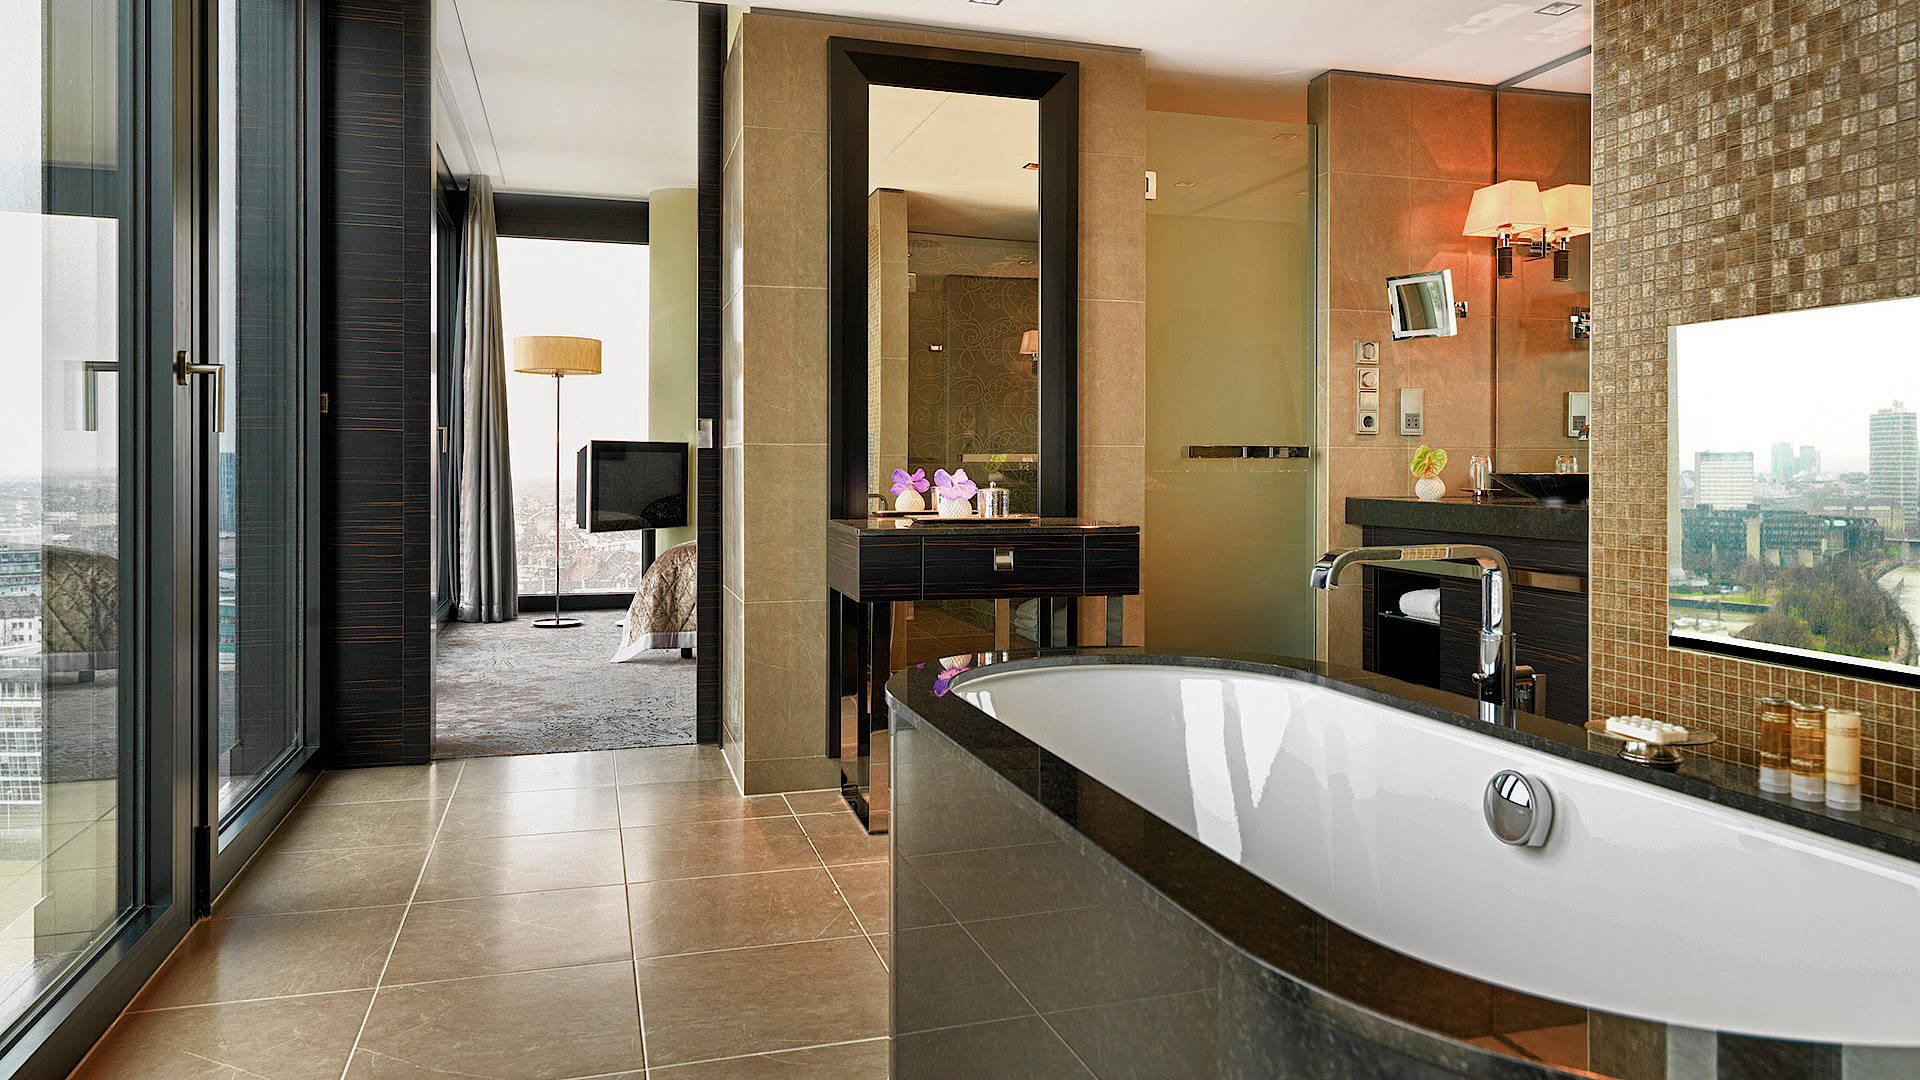 Sterne Hotels In Dusseldorf